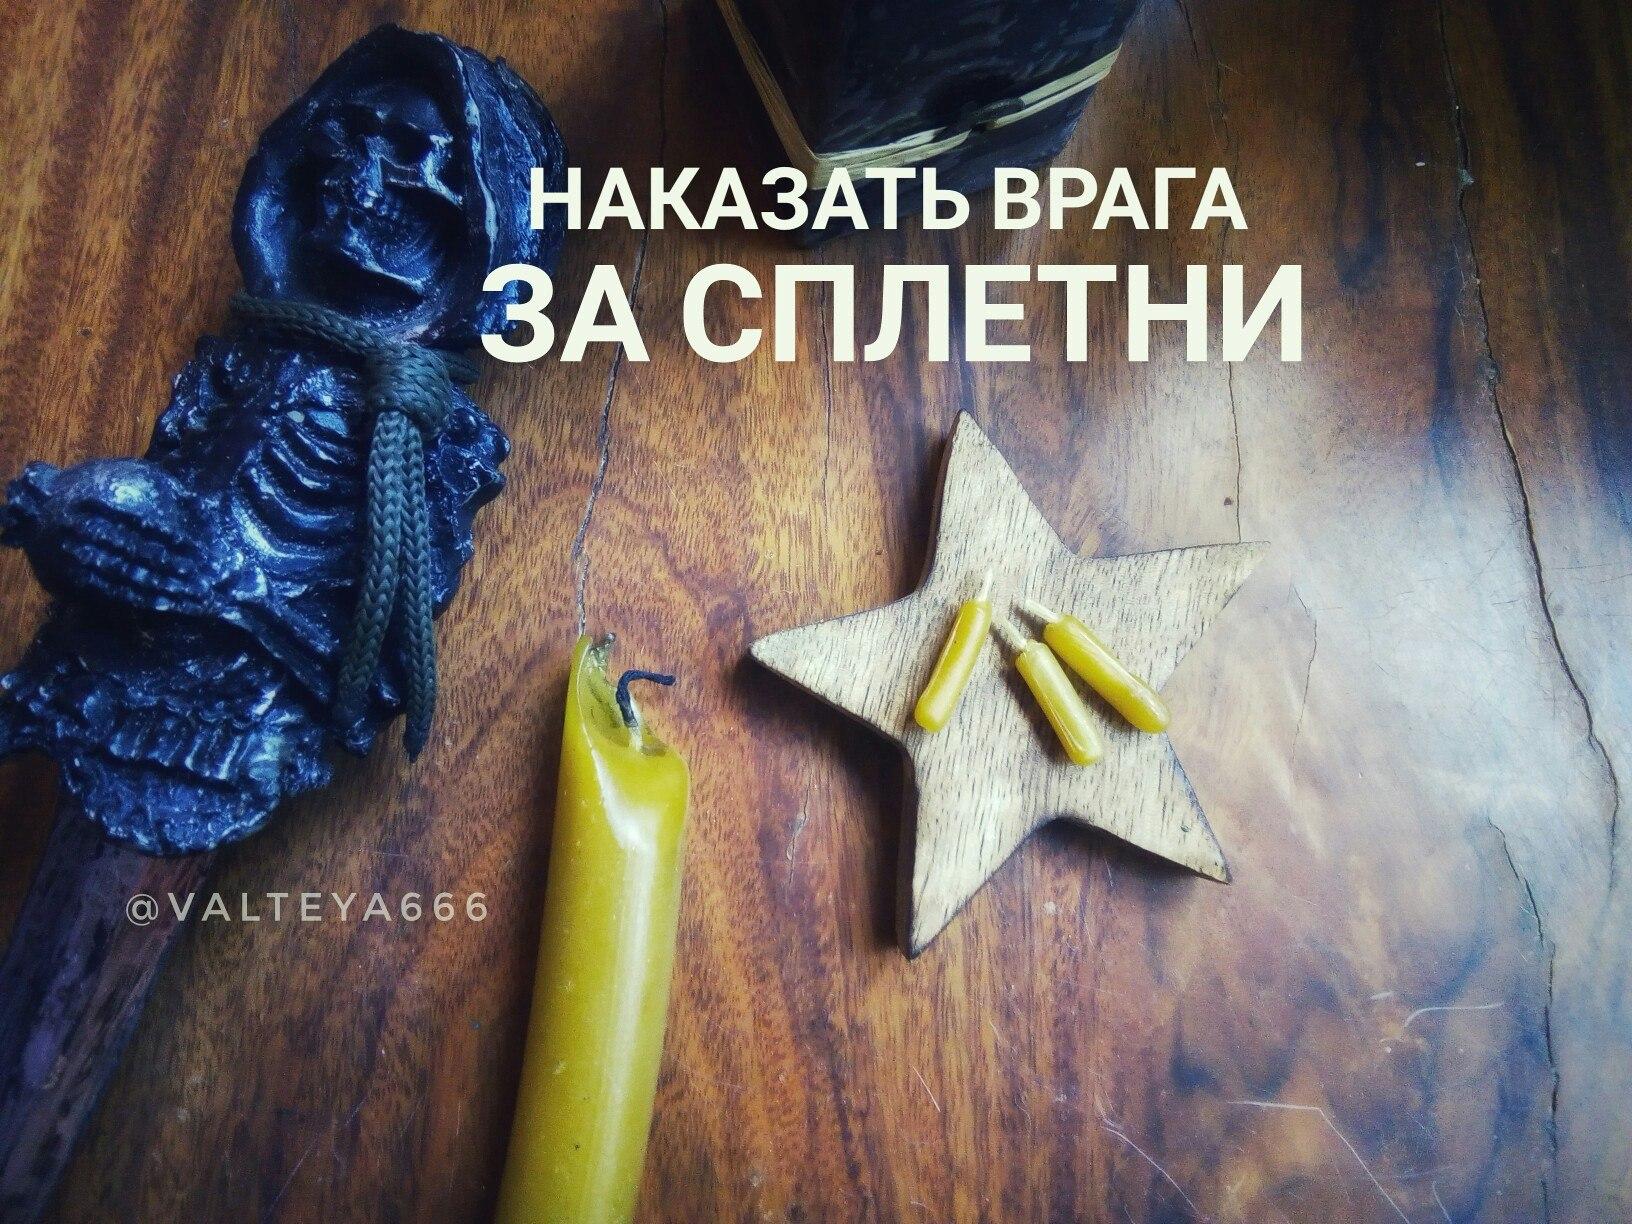 Программные свечи от Елены Руденко. - Страница 11 Gln0ApjDn7A